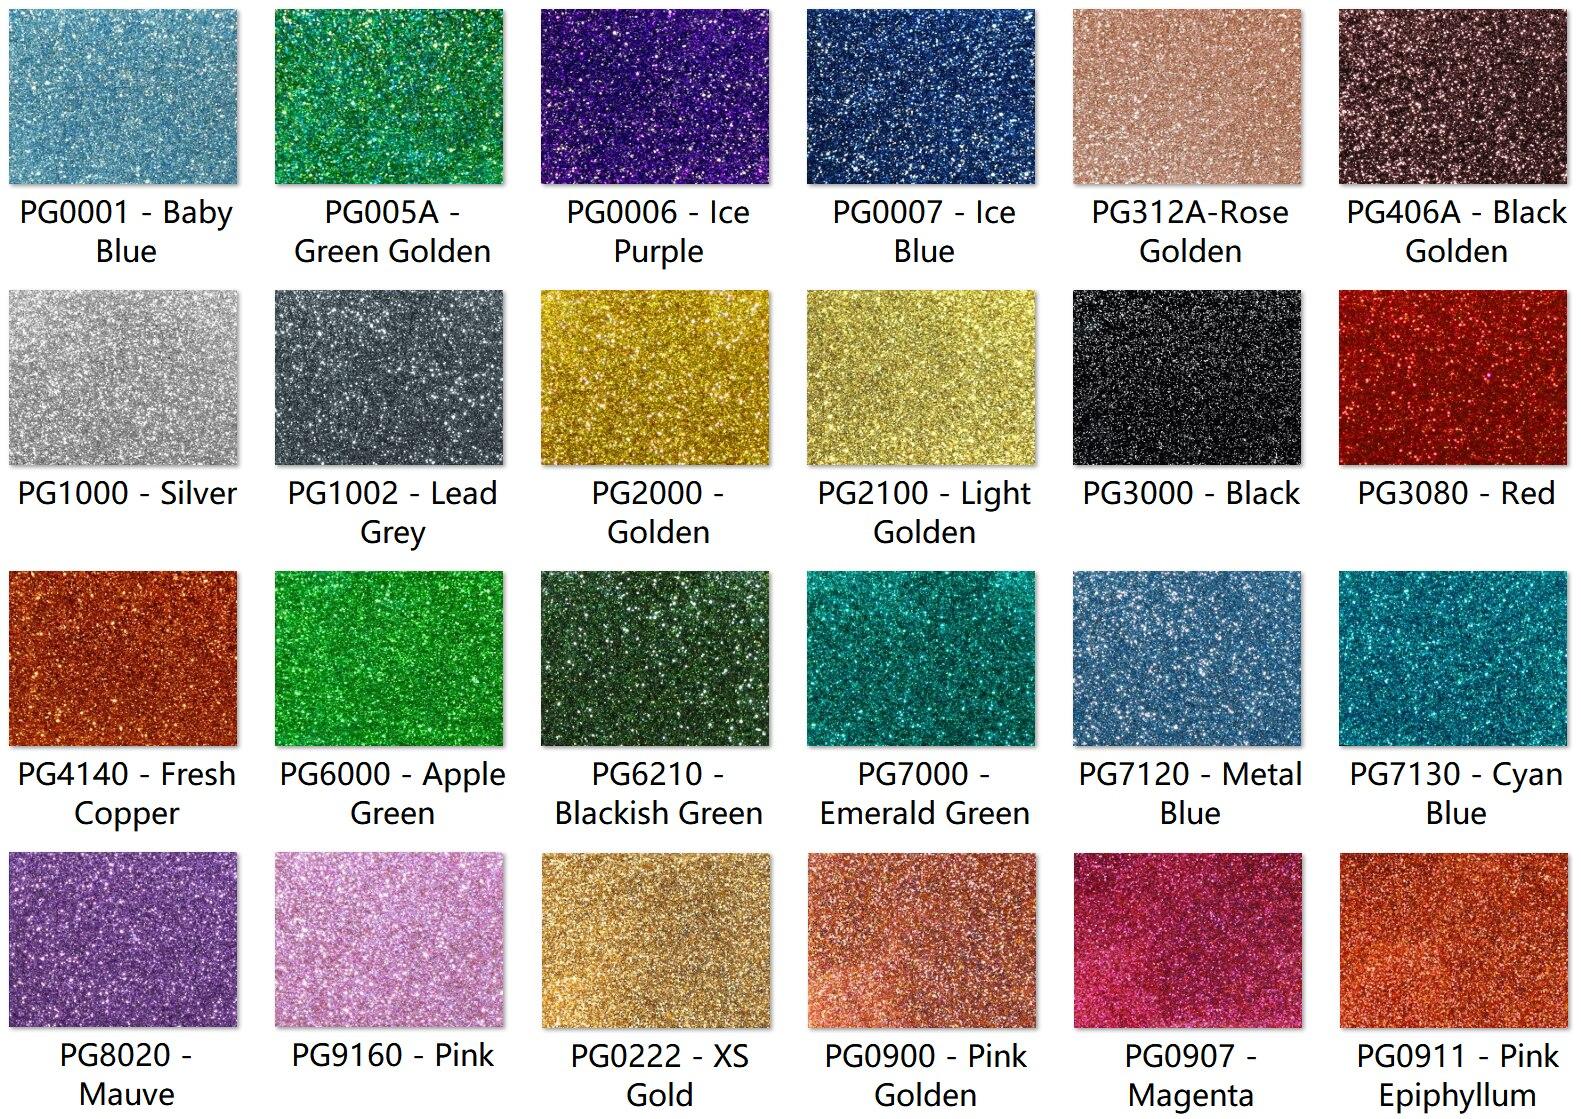 600mm x 300mm x 3,0mm (L x W x T) hojas de acrílico de varios colores (PMMA) de dos caras de alta calidad 8 unids/lote-in Placas y señales from Hogar y Mascotas on AliExpress - 11.11_Double 11_Singles' Day 1